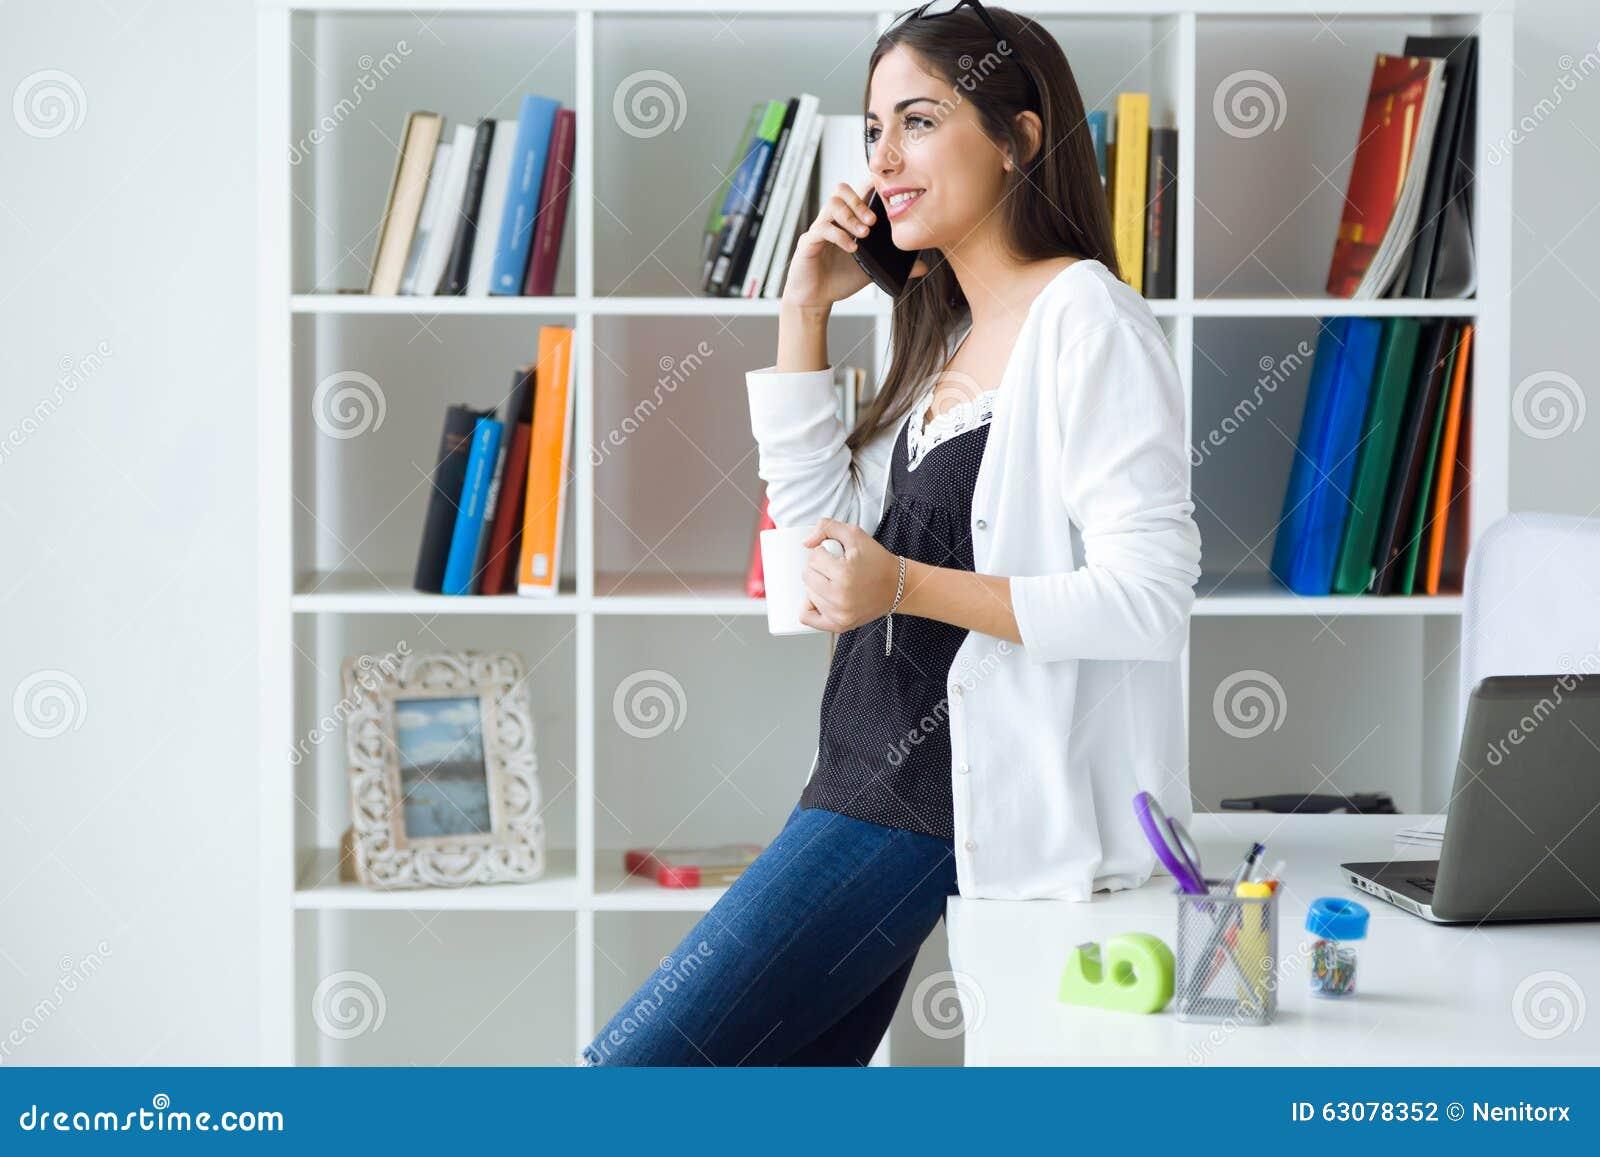 Download Jolie Jeune Femme à L'aide De Son Téléphone Portable Dans Le Bureau Photo stock - Image du verticale, personne: 63078352